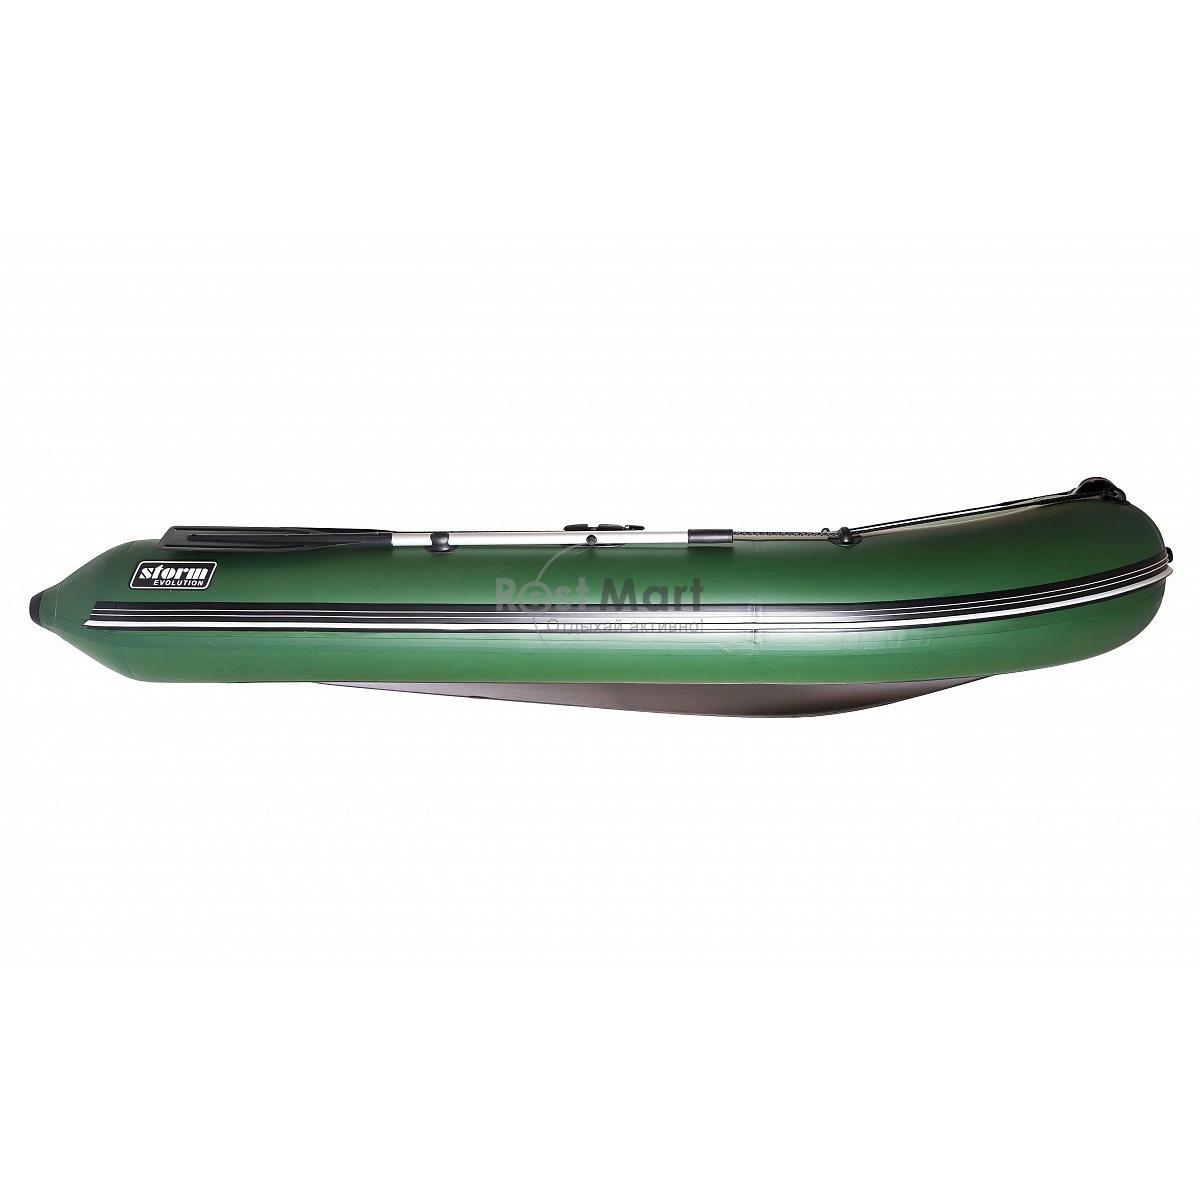 Надувная лодка Aqua-Storm STK 330 (серия Storm)